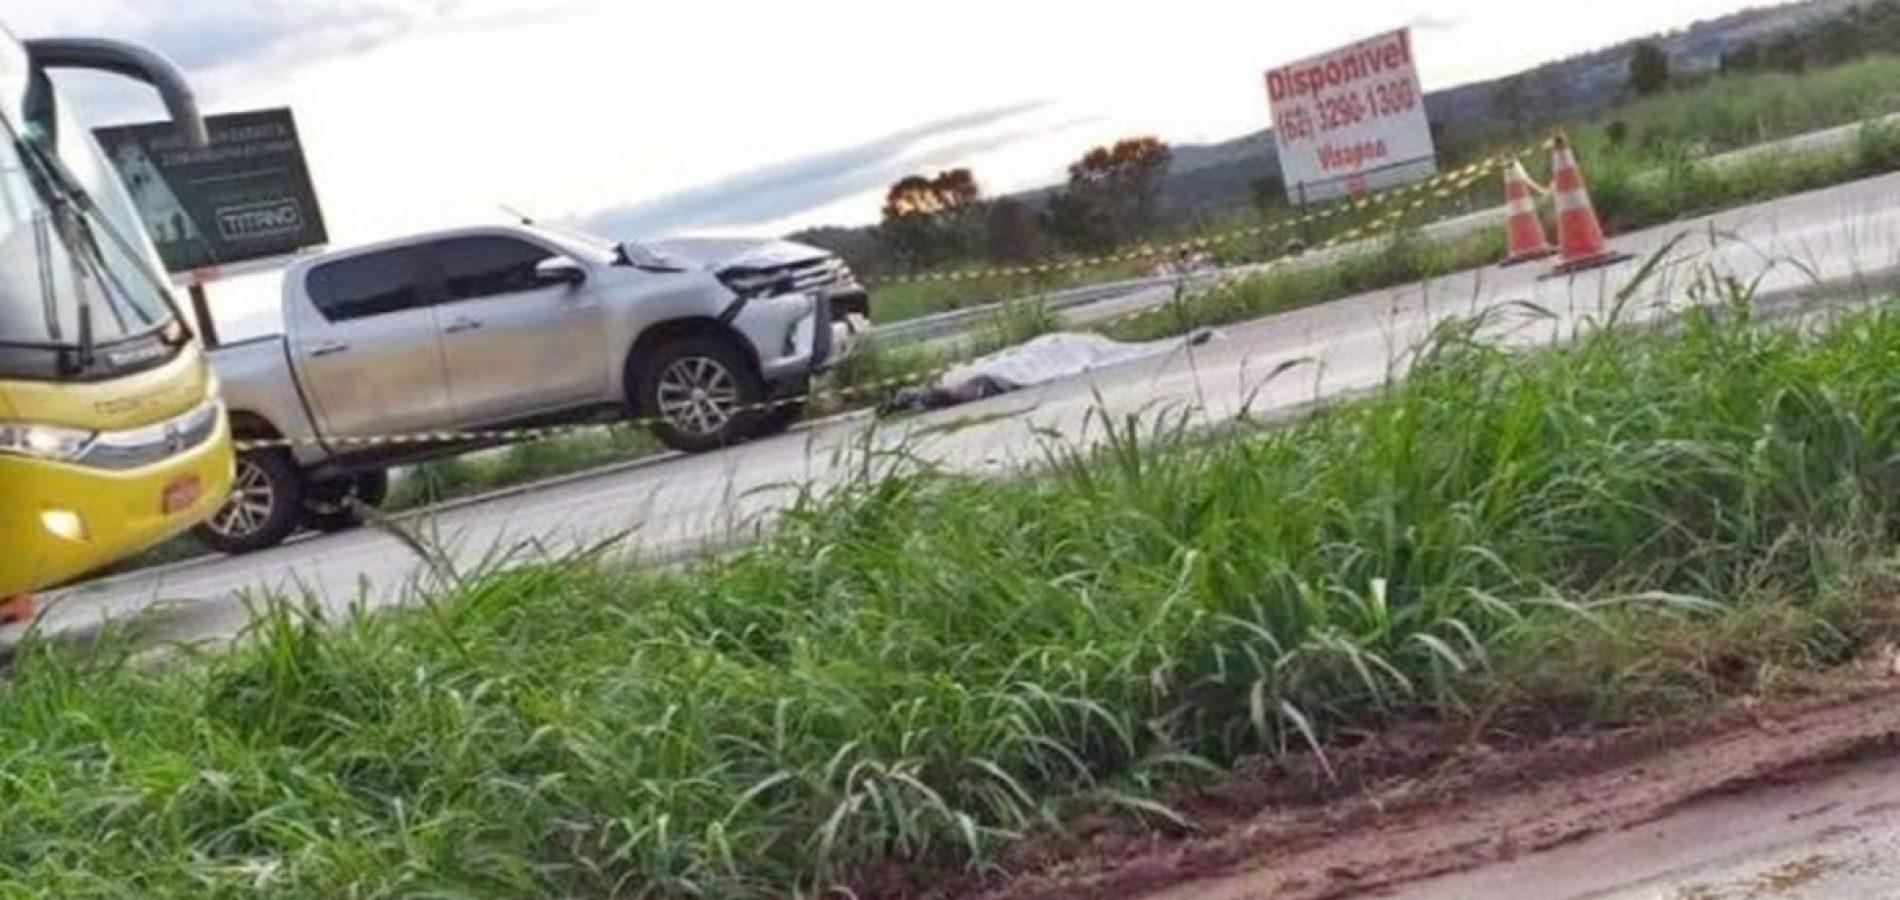 Piauiense morre após ser atropelado por caminhonete em Goiânia